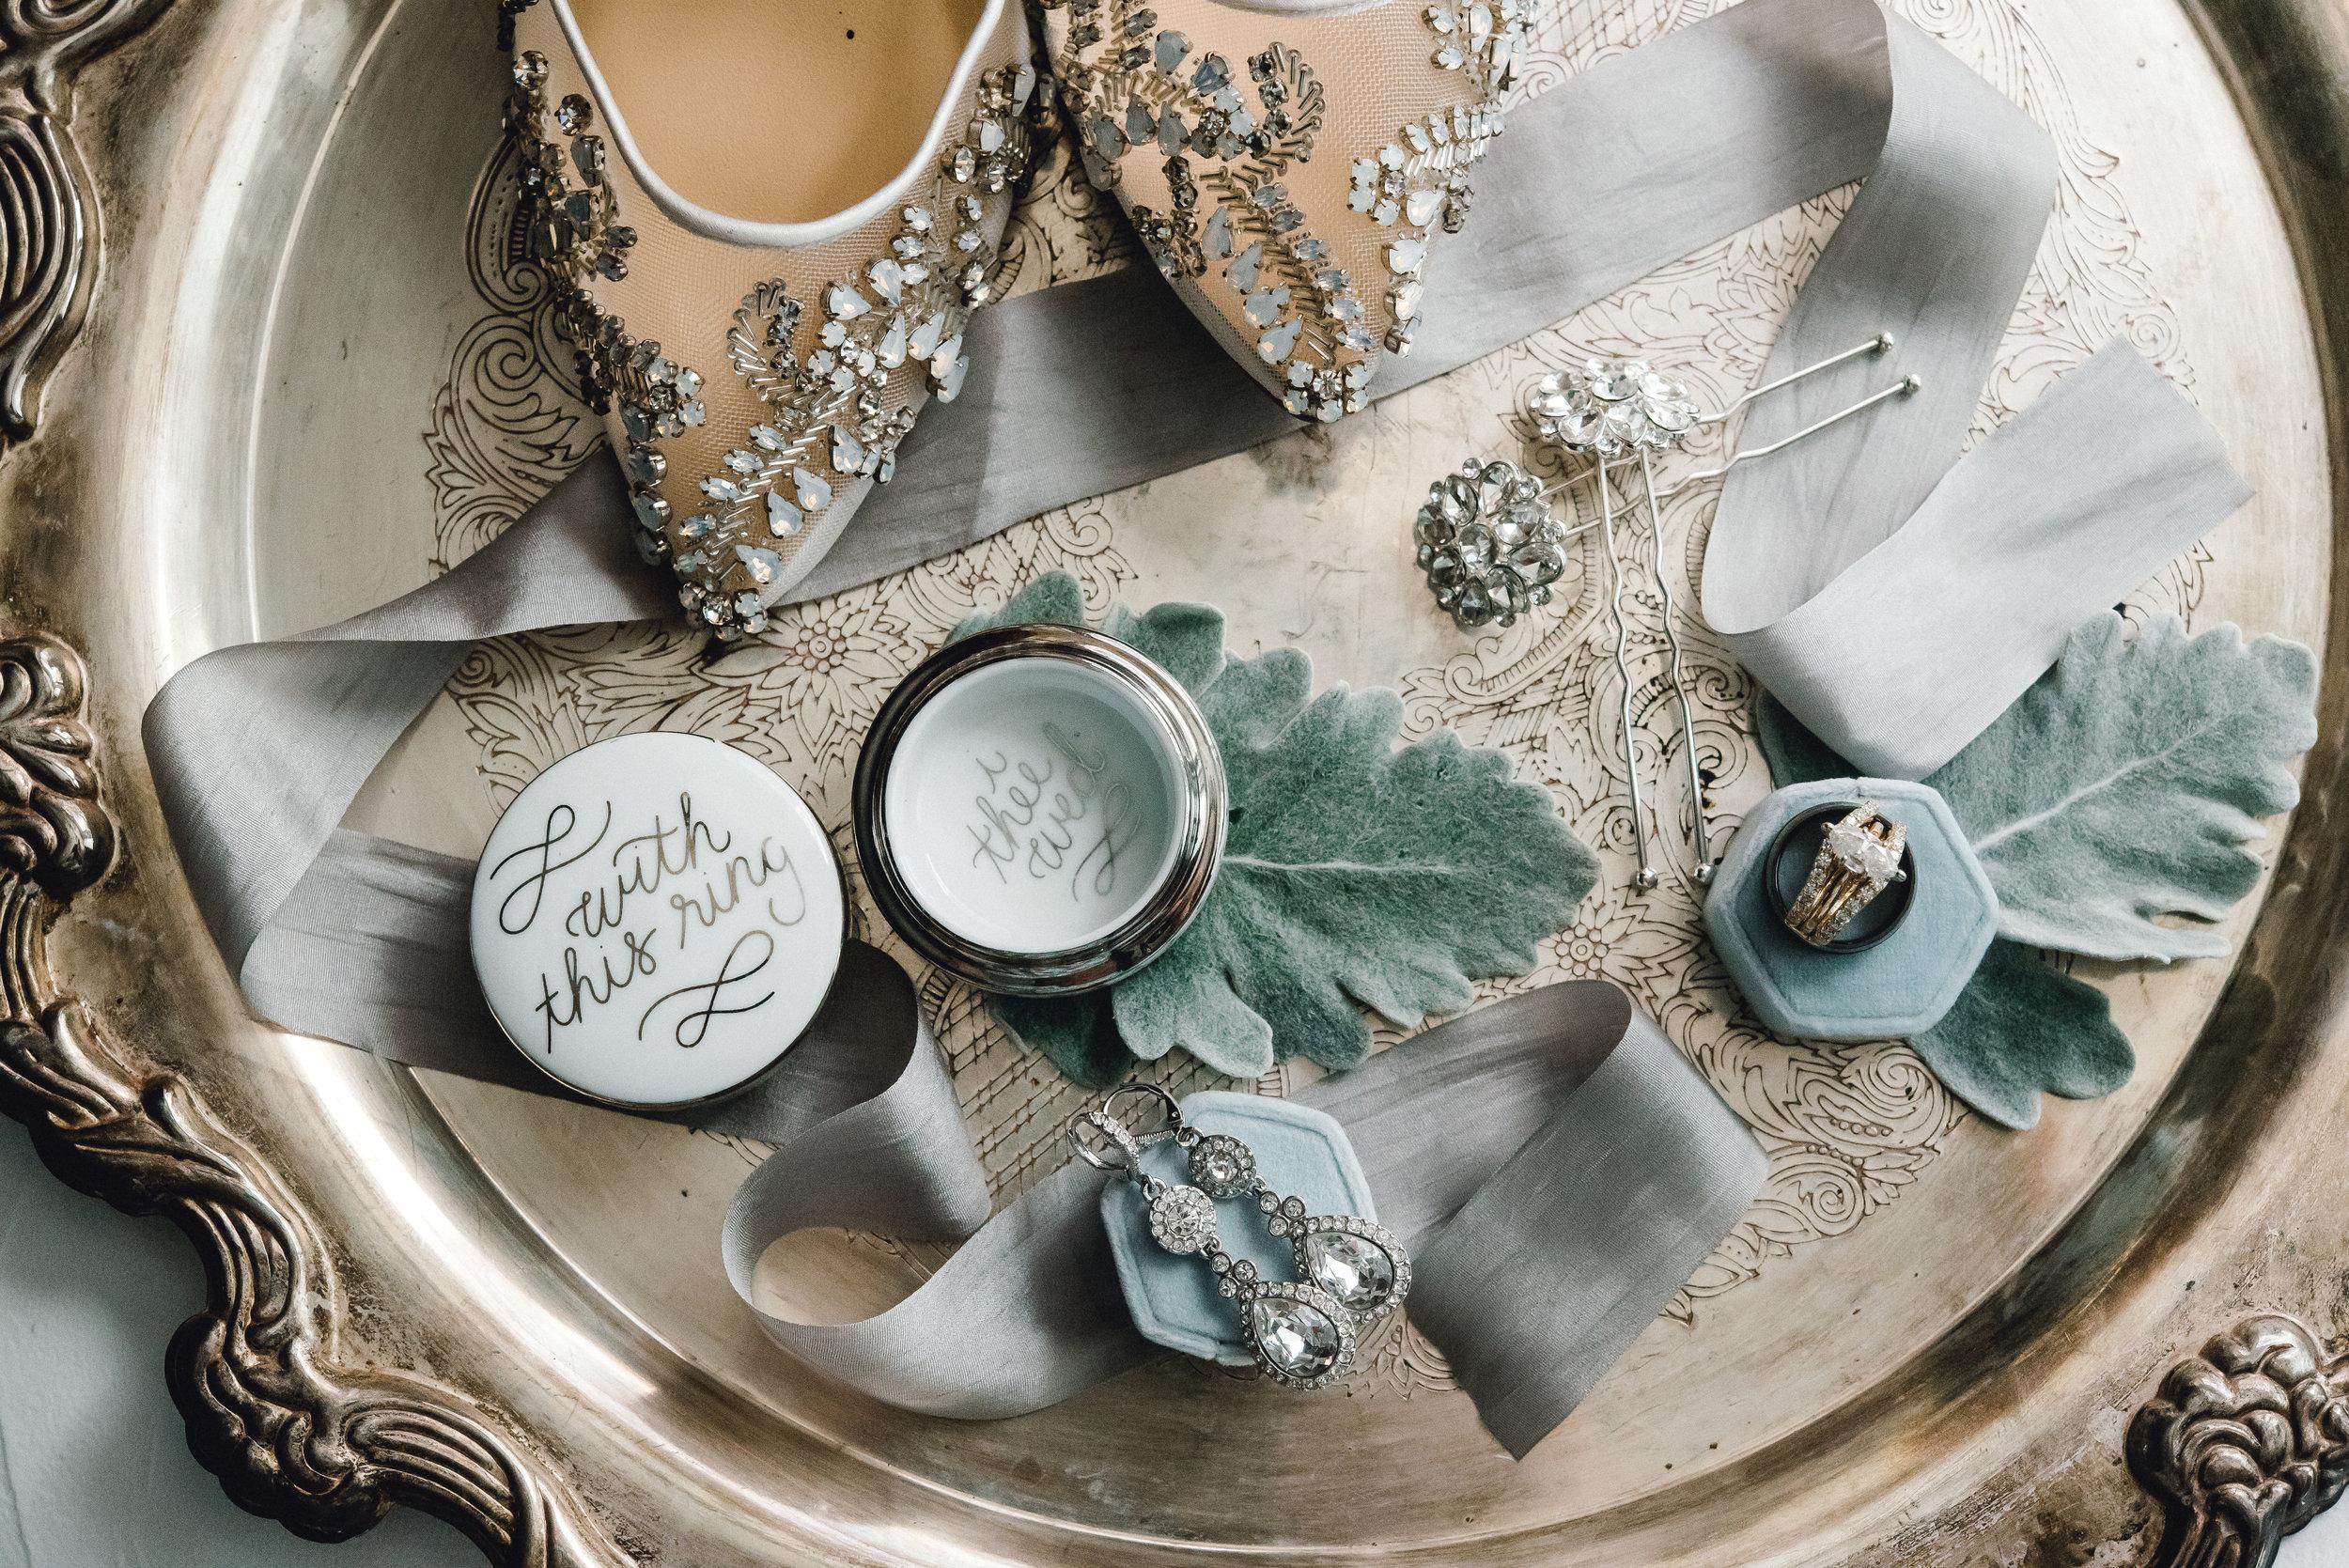 omni-william-penn-wedding-classic-chic-modern-photography-0002.jpg